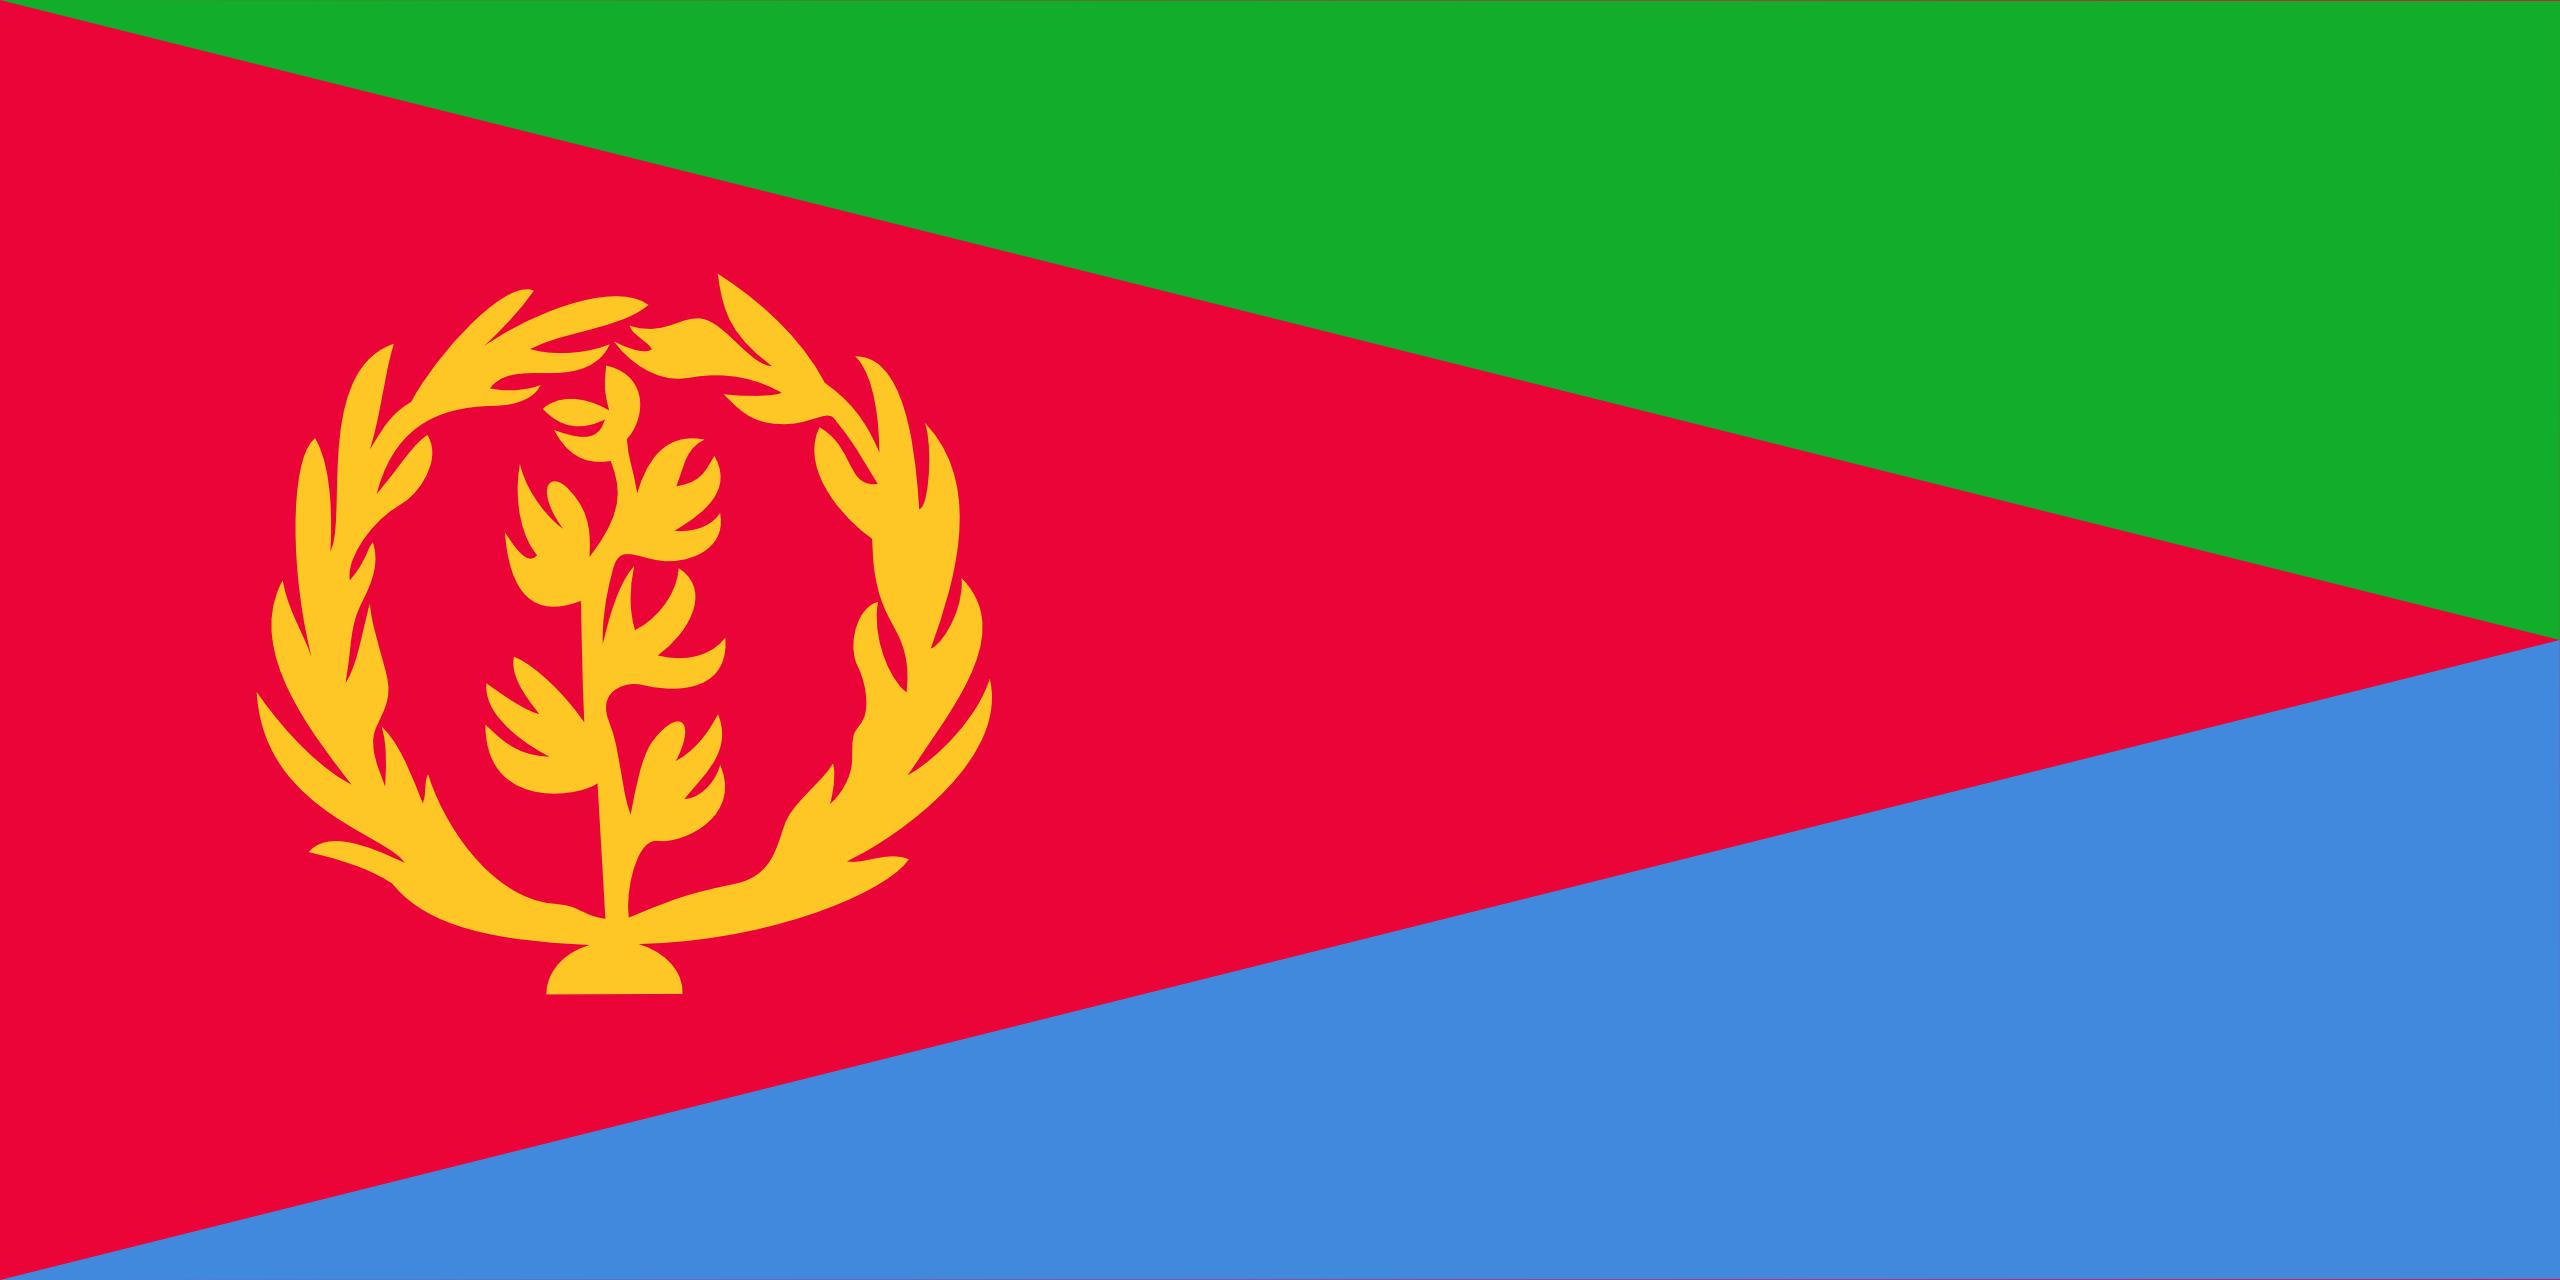 厄立特里亚, 国家, 会徽, 徽标, 符号 - 高清壁纸 - 教授-falken.com